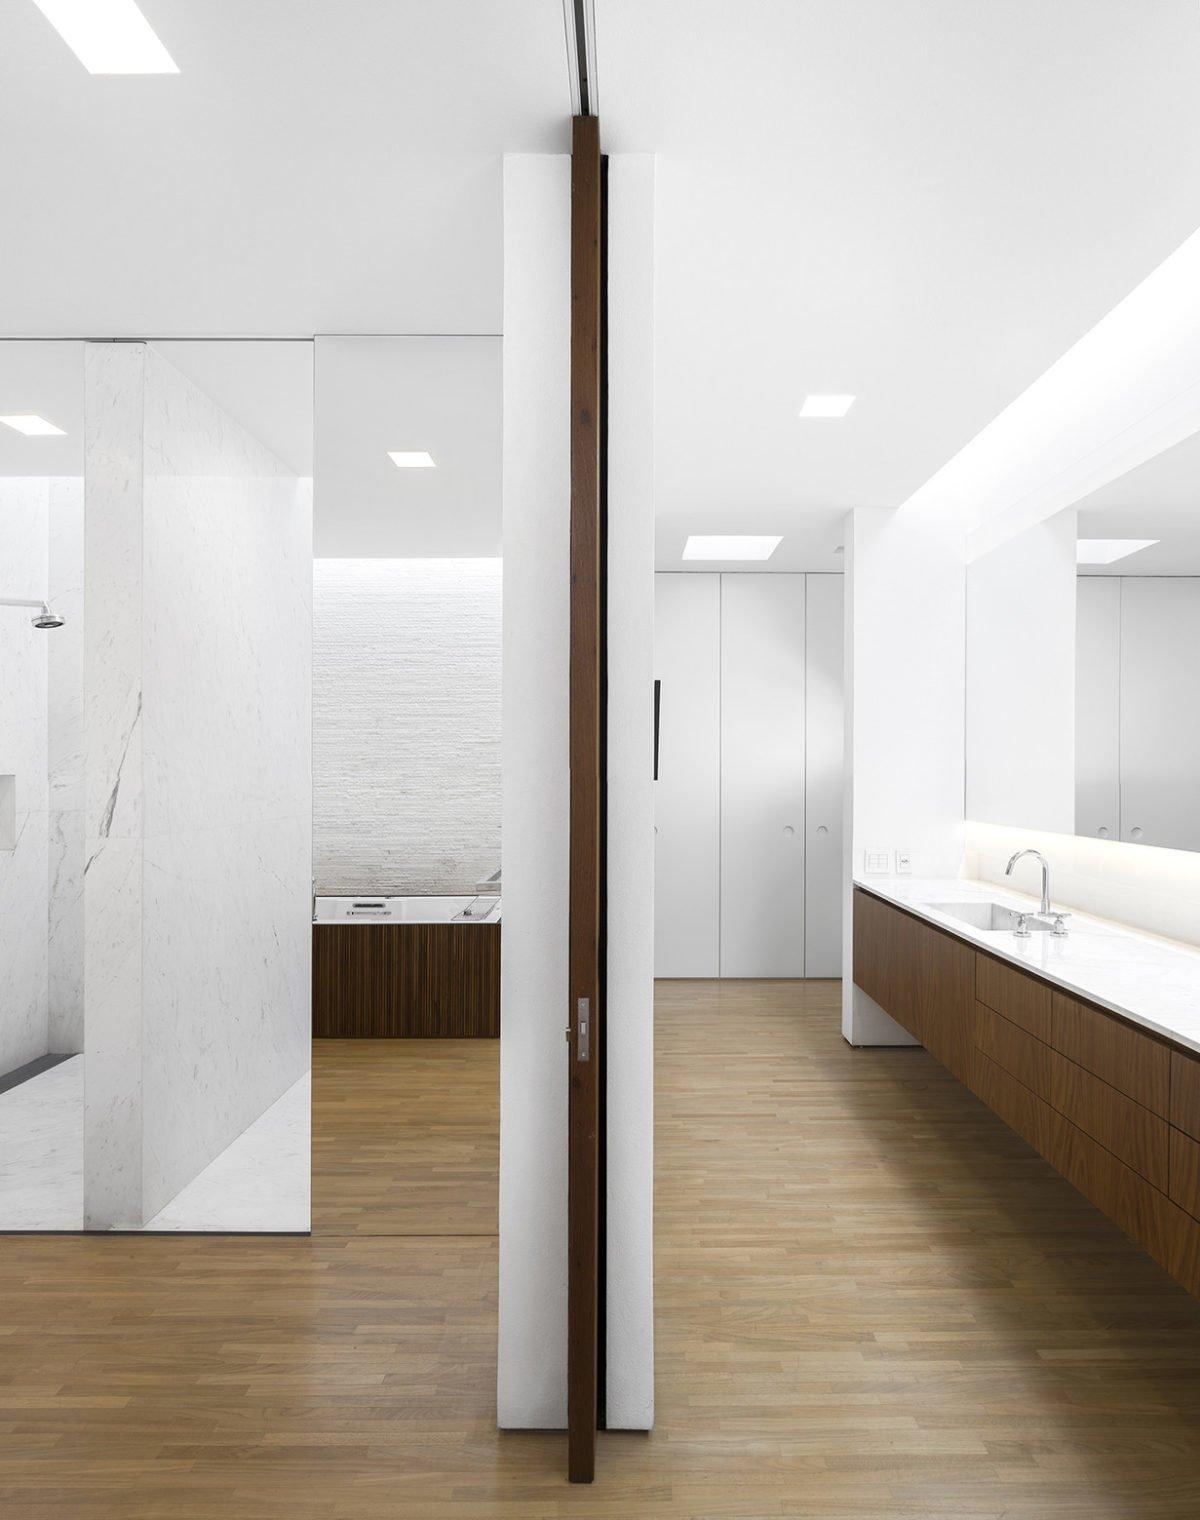 19Tetris House In São Paulo Brazil By Studiomk27 42 Ngôi nhà lấy ý tưởng từ trò chơi xếp hình TETRIS qpdesign